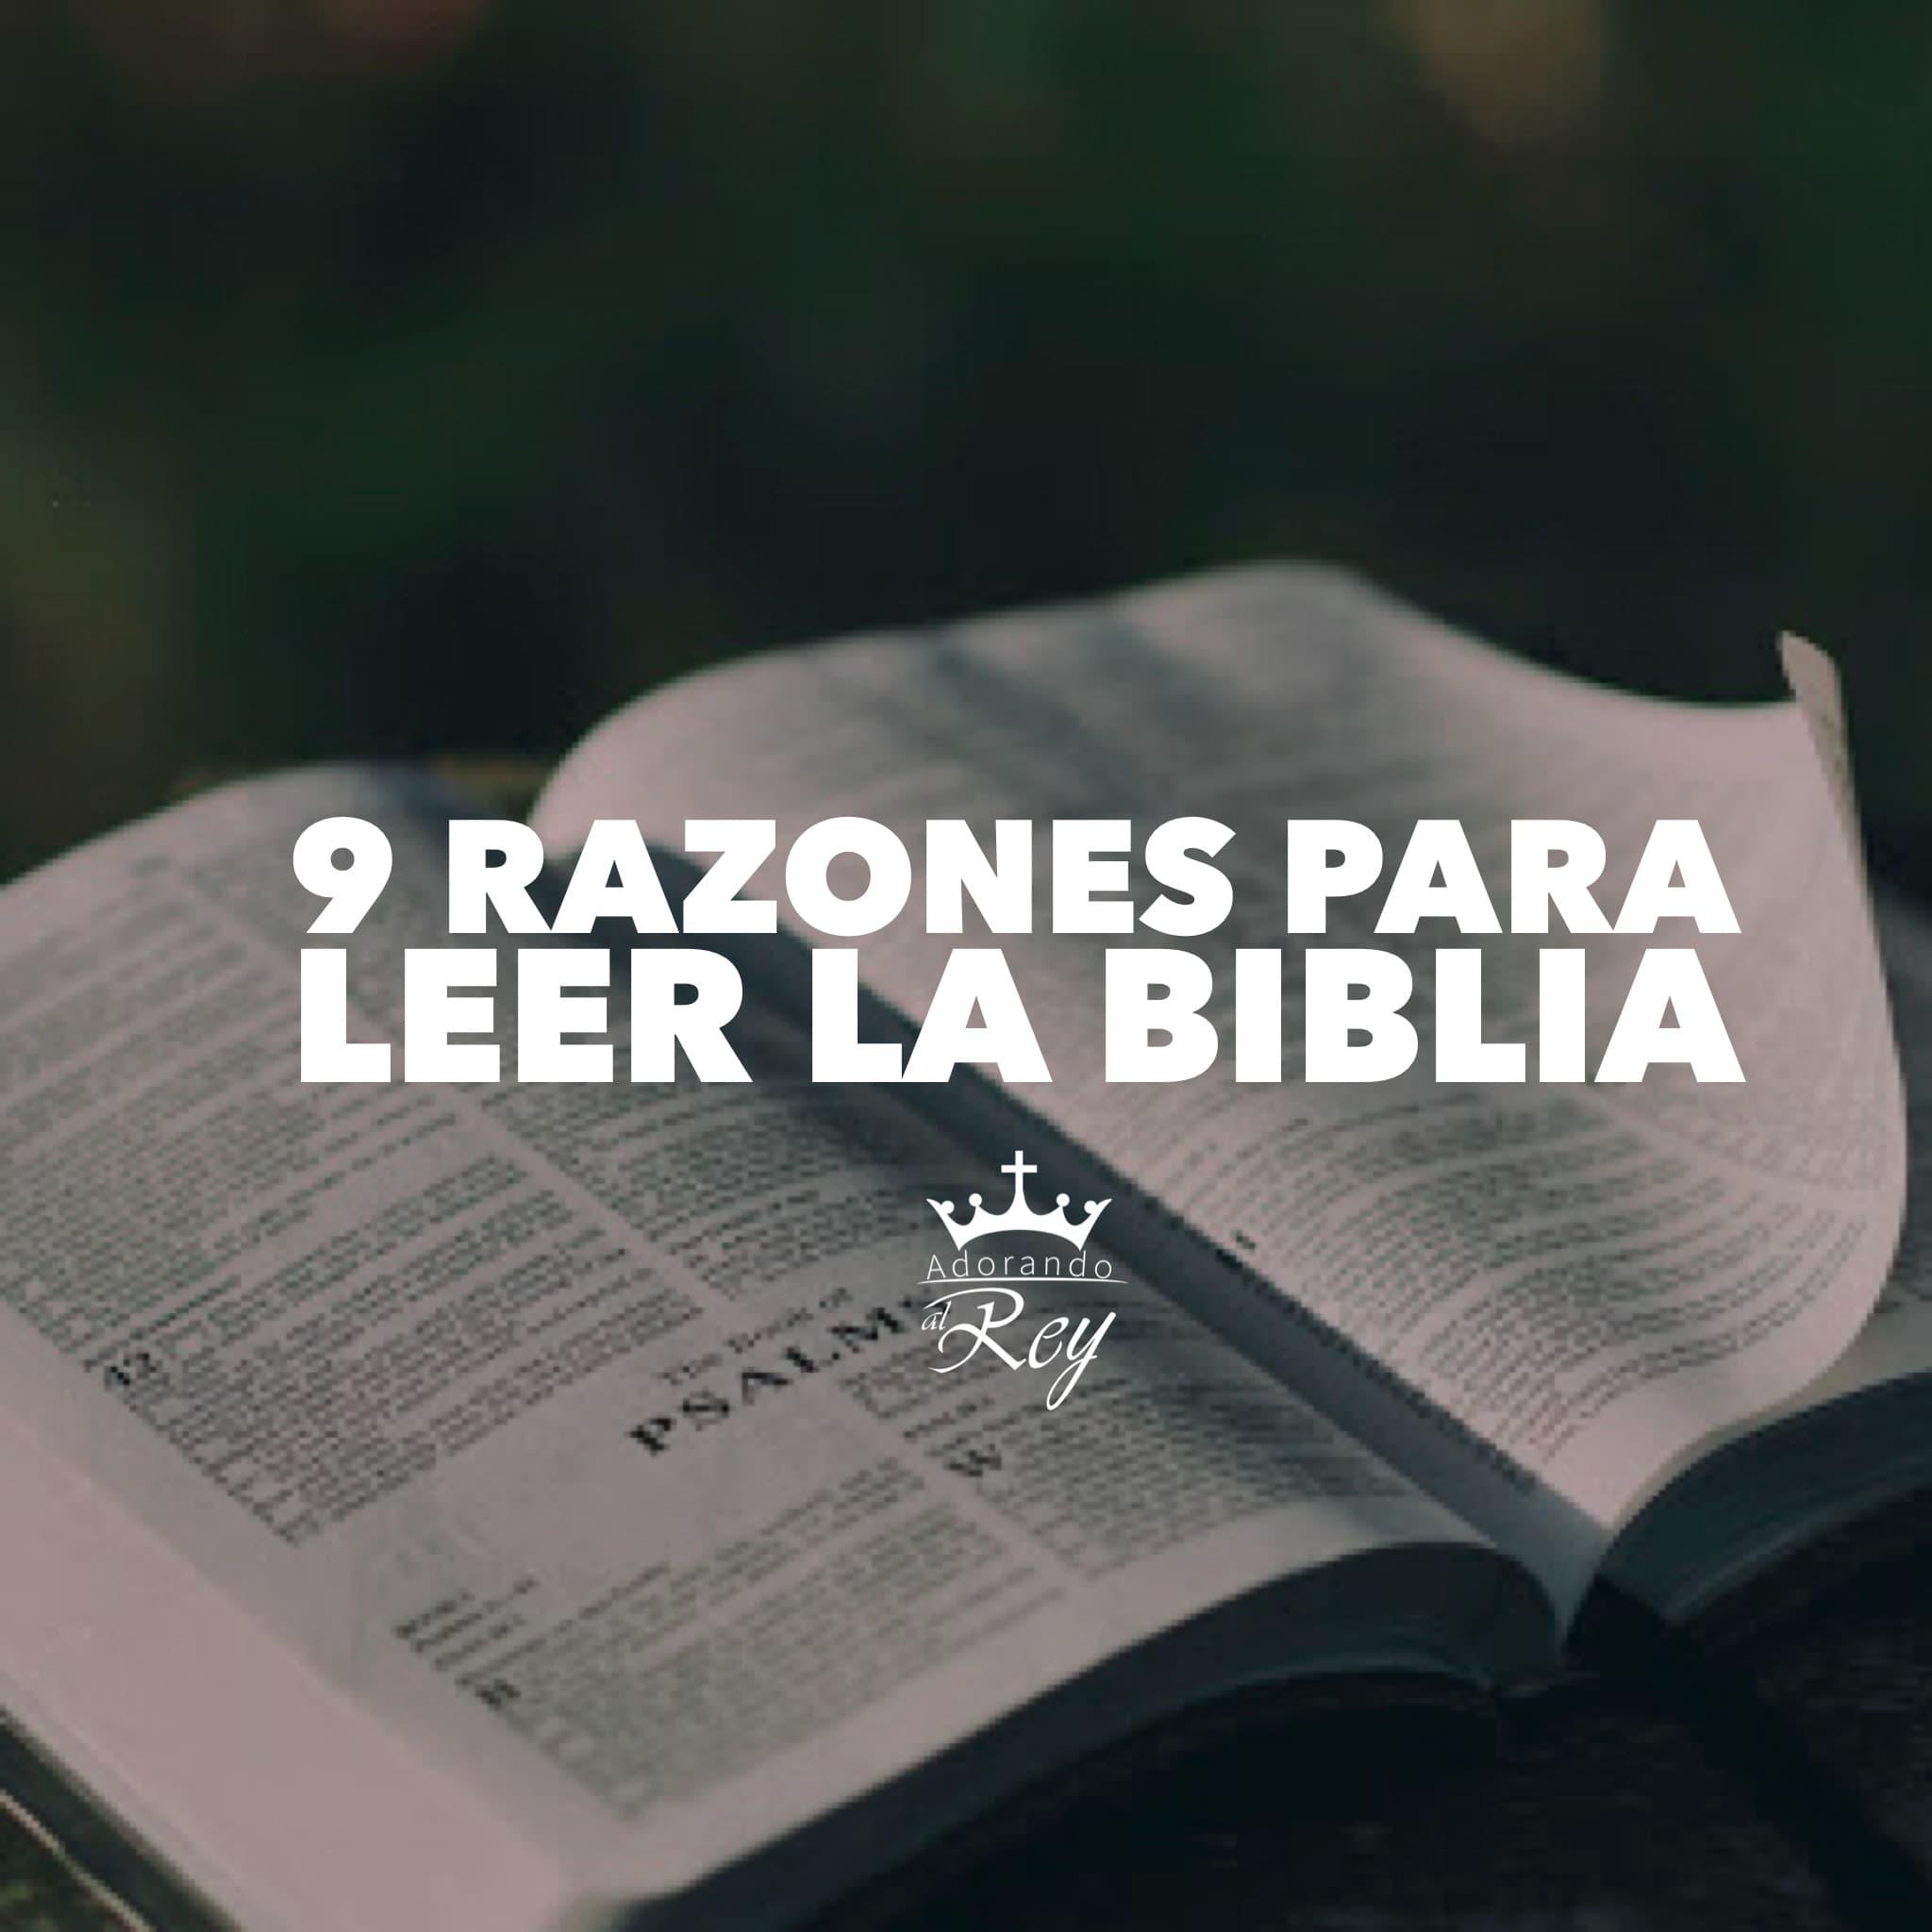 9 Razones para leer la Biblia